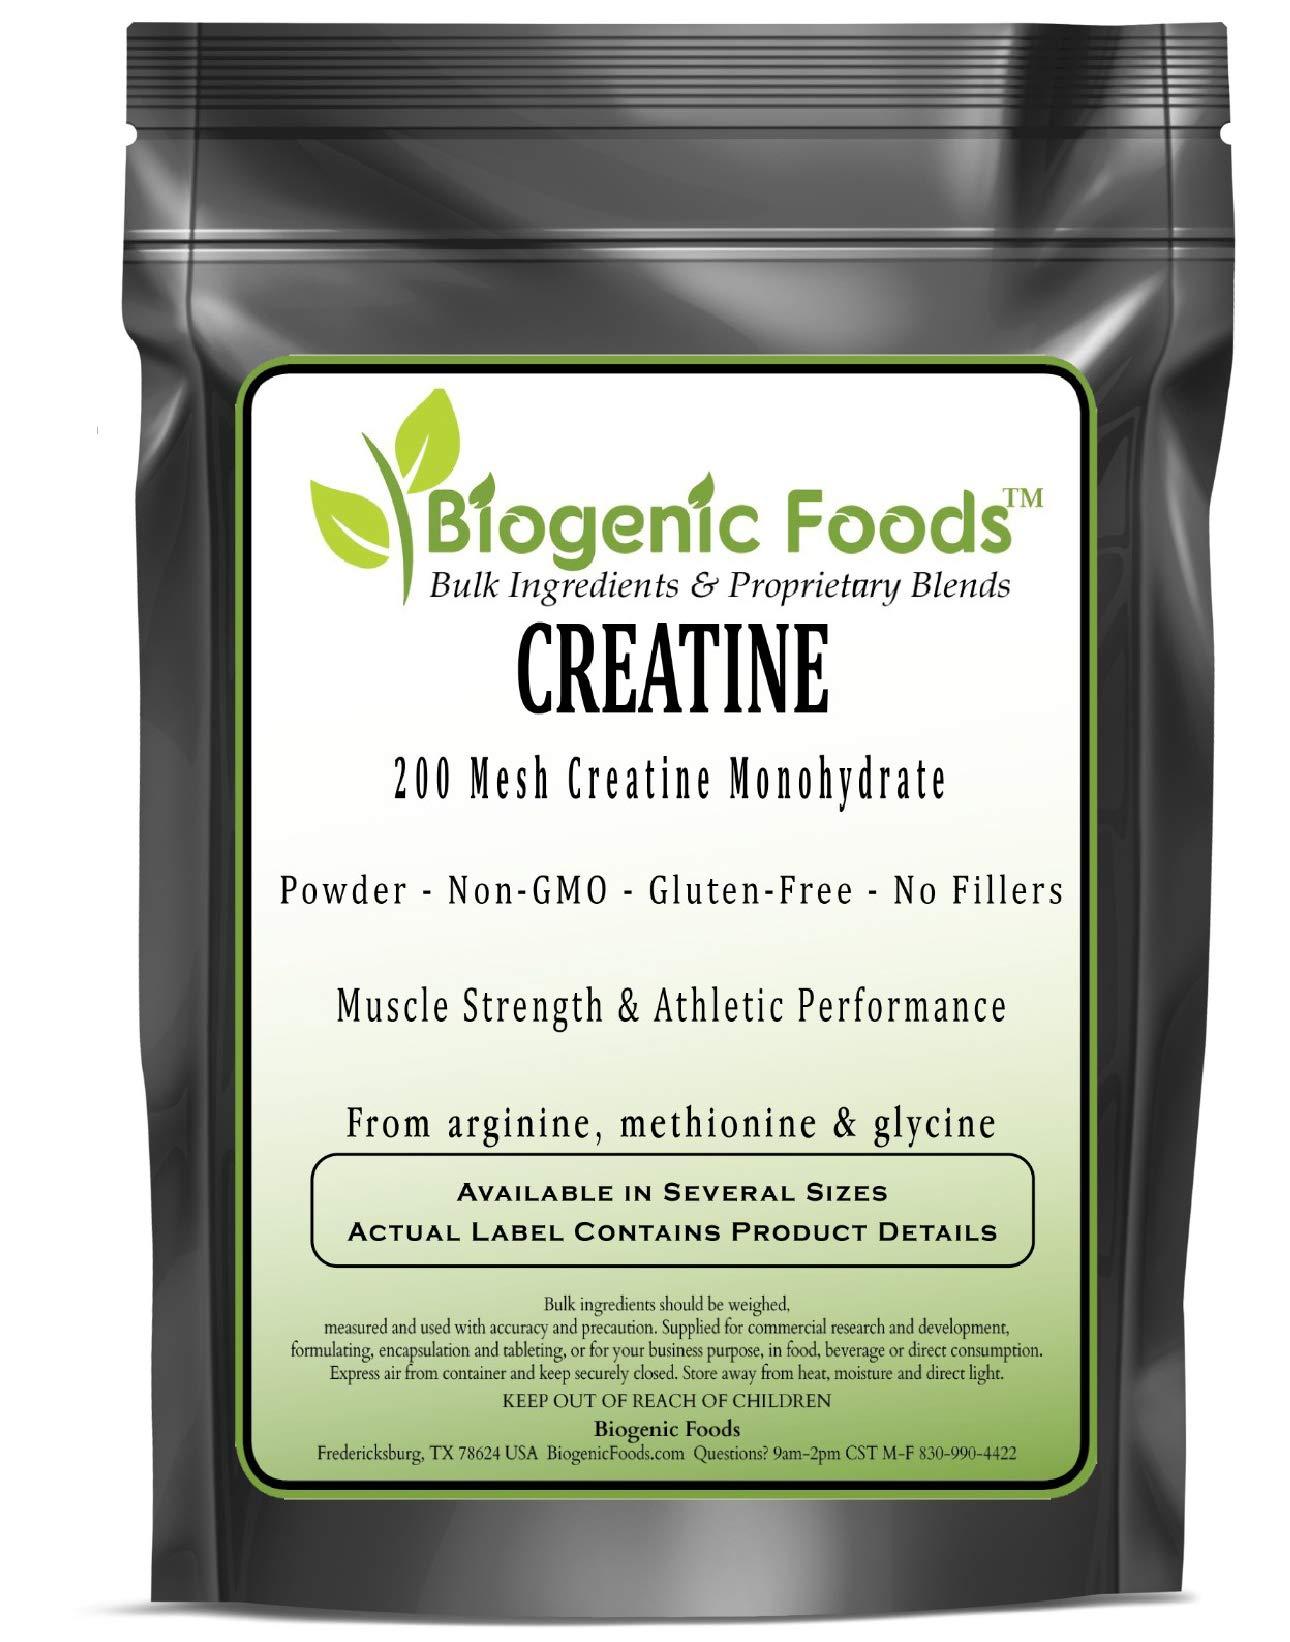 Creatine - 200 Mesh Creatine Monohydrate Powder - from Arginine, Methionine & Glycine, 10 kg